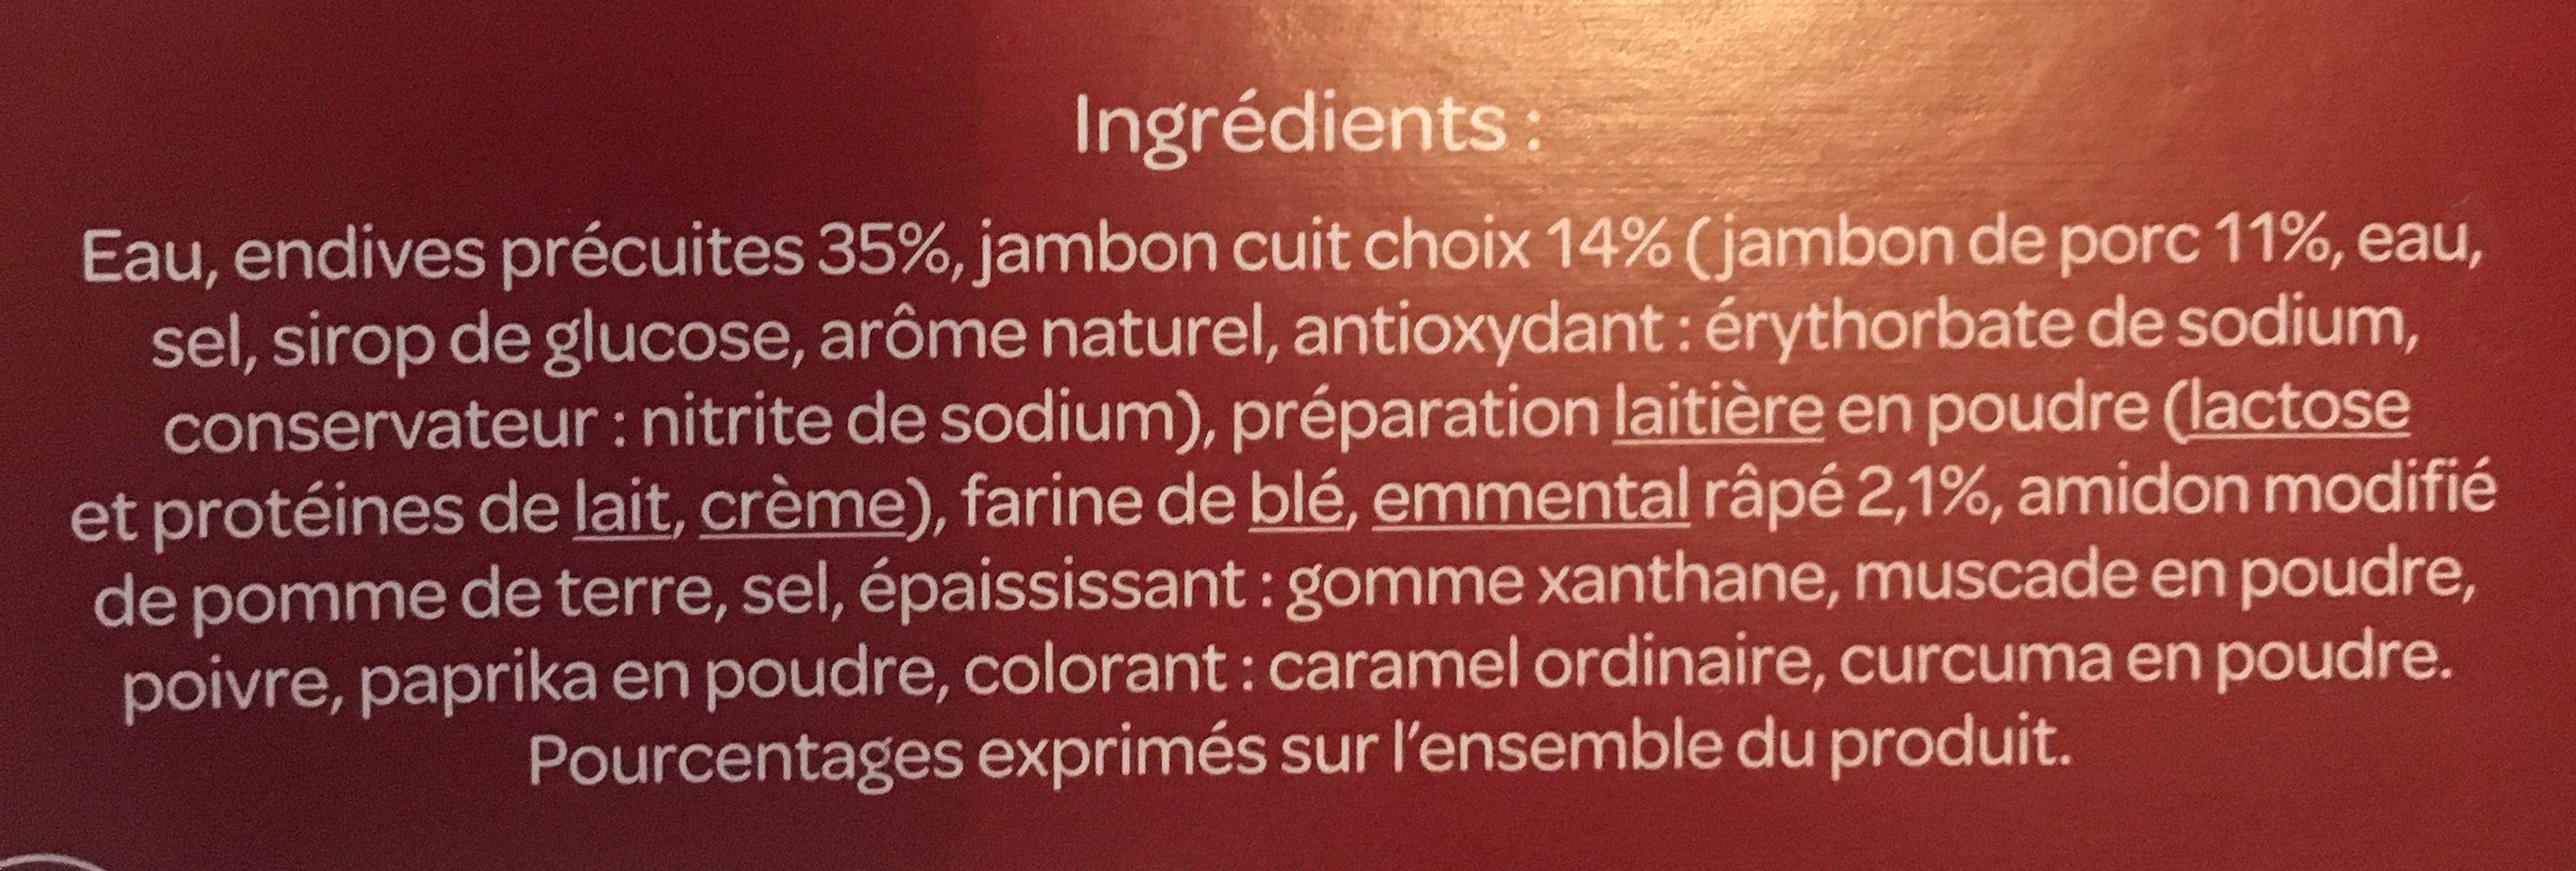 Endives au jambon  A l'emmental râpé - Ingrédients - fr